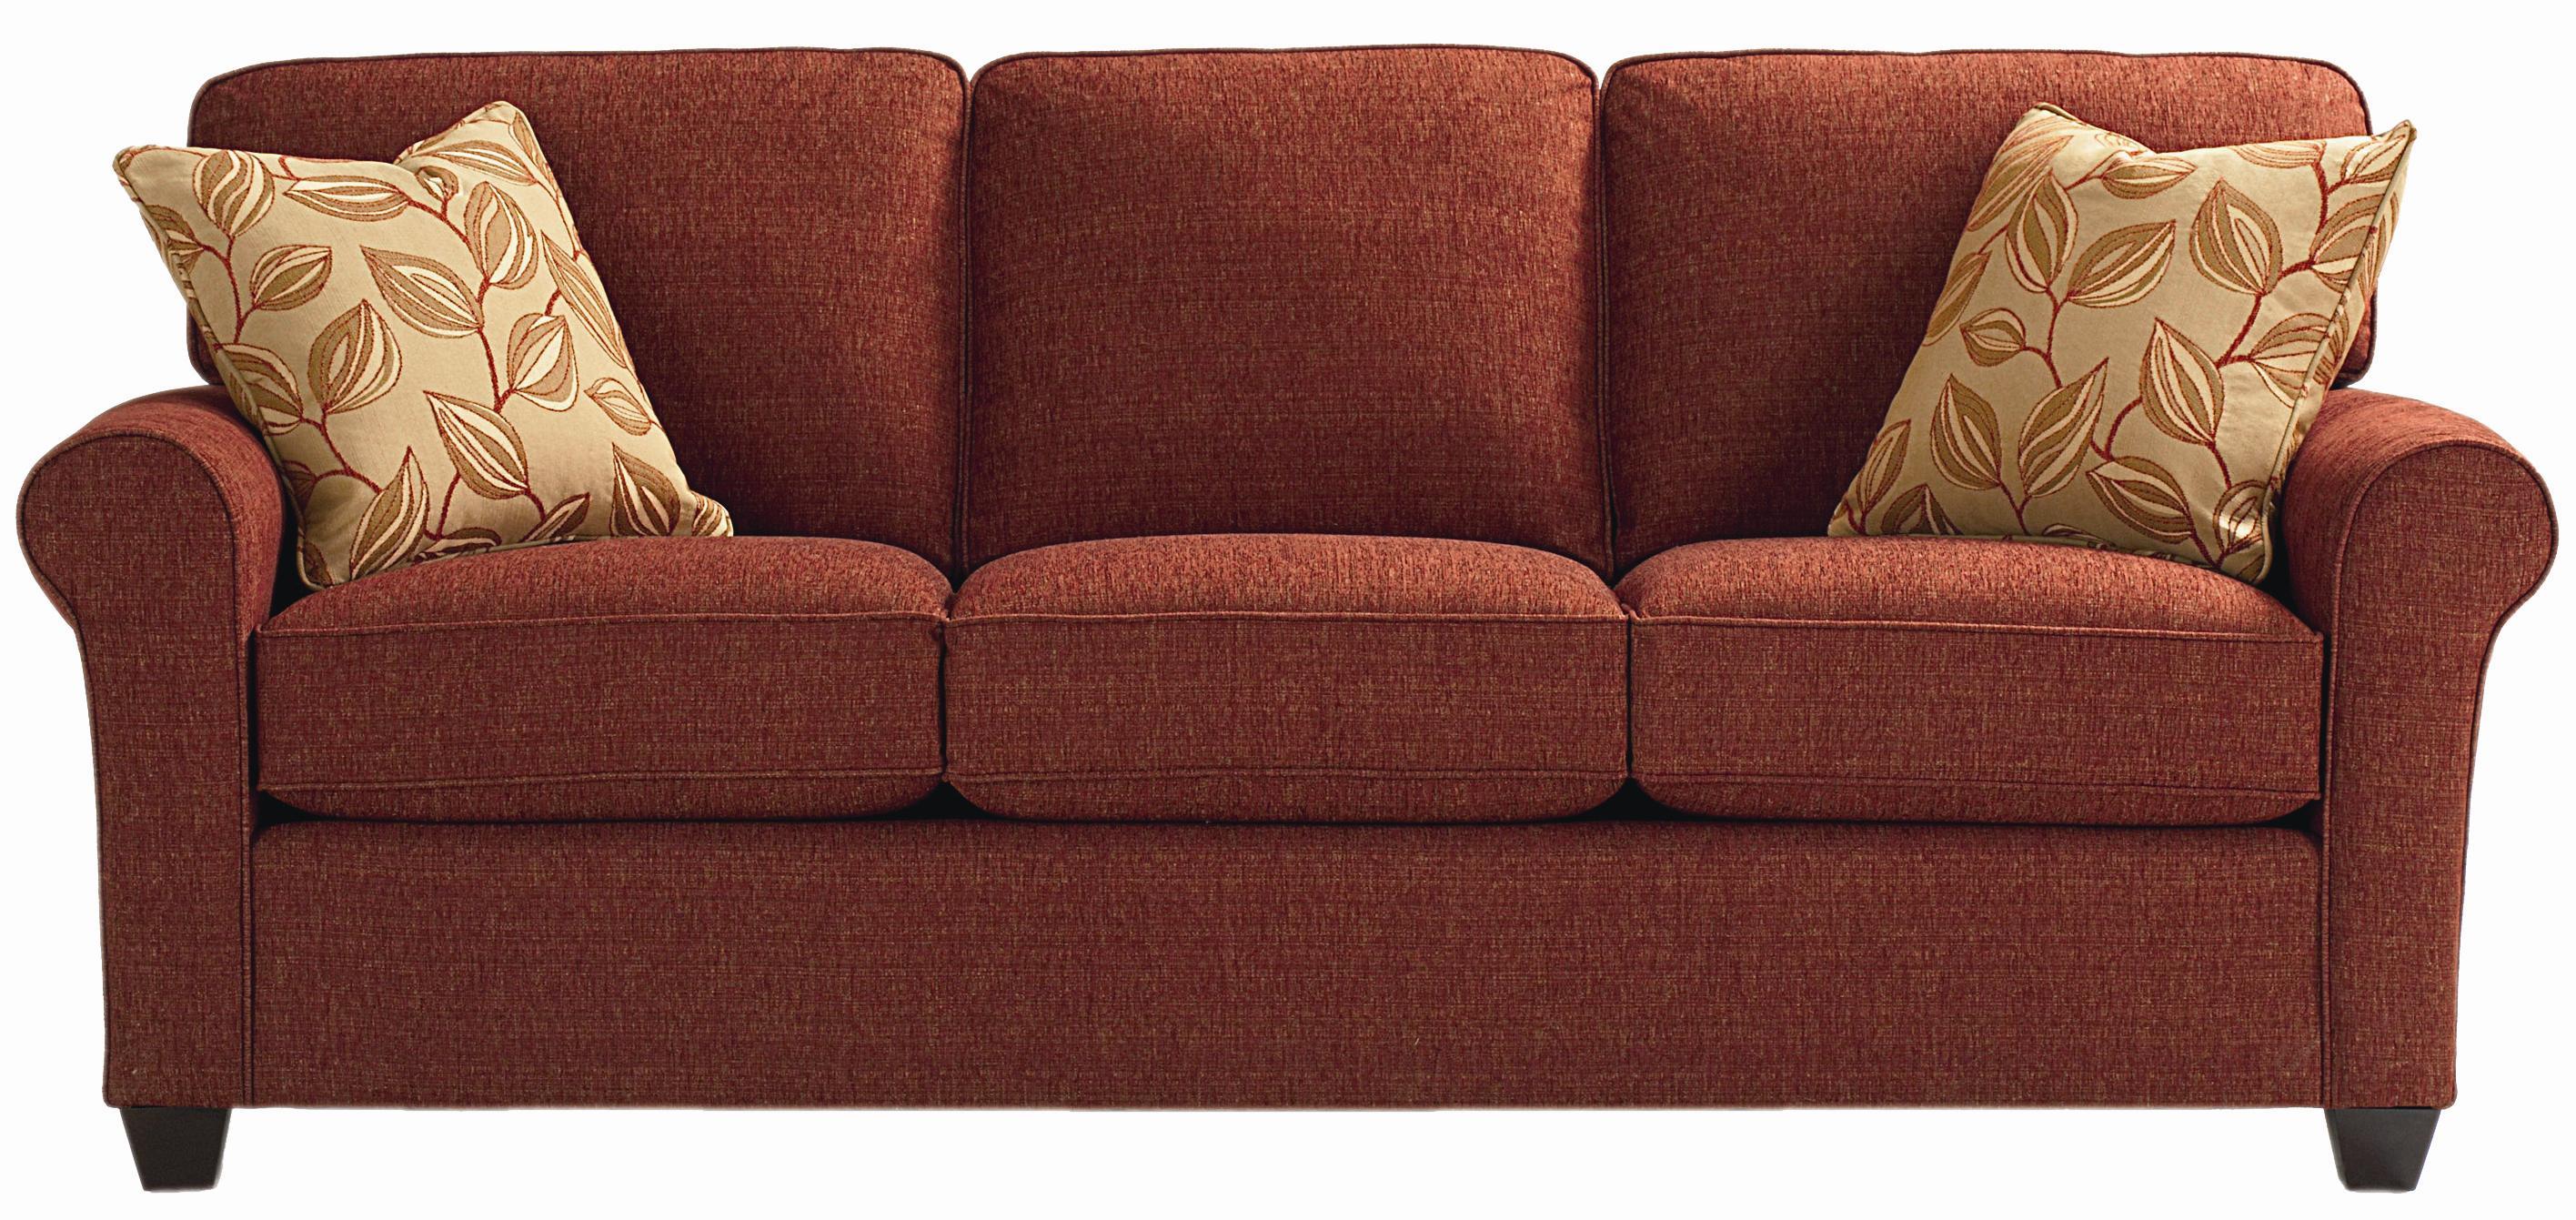 Bassett BrewsterUpholstered Sofa; Bassett BrewsterUpholstered Sofa